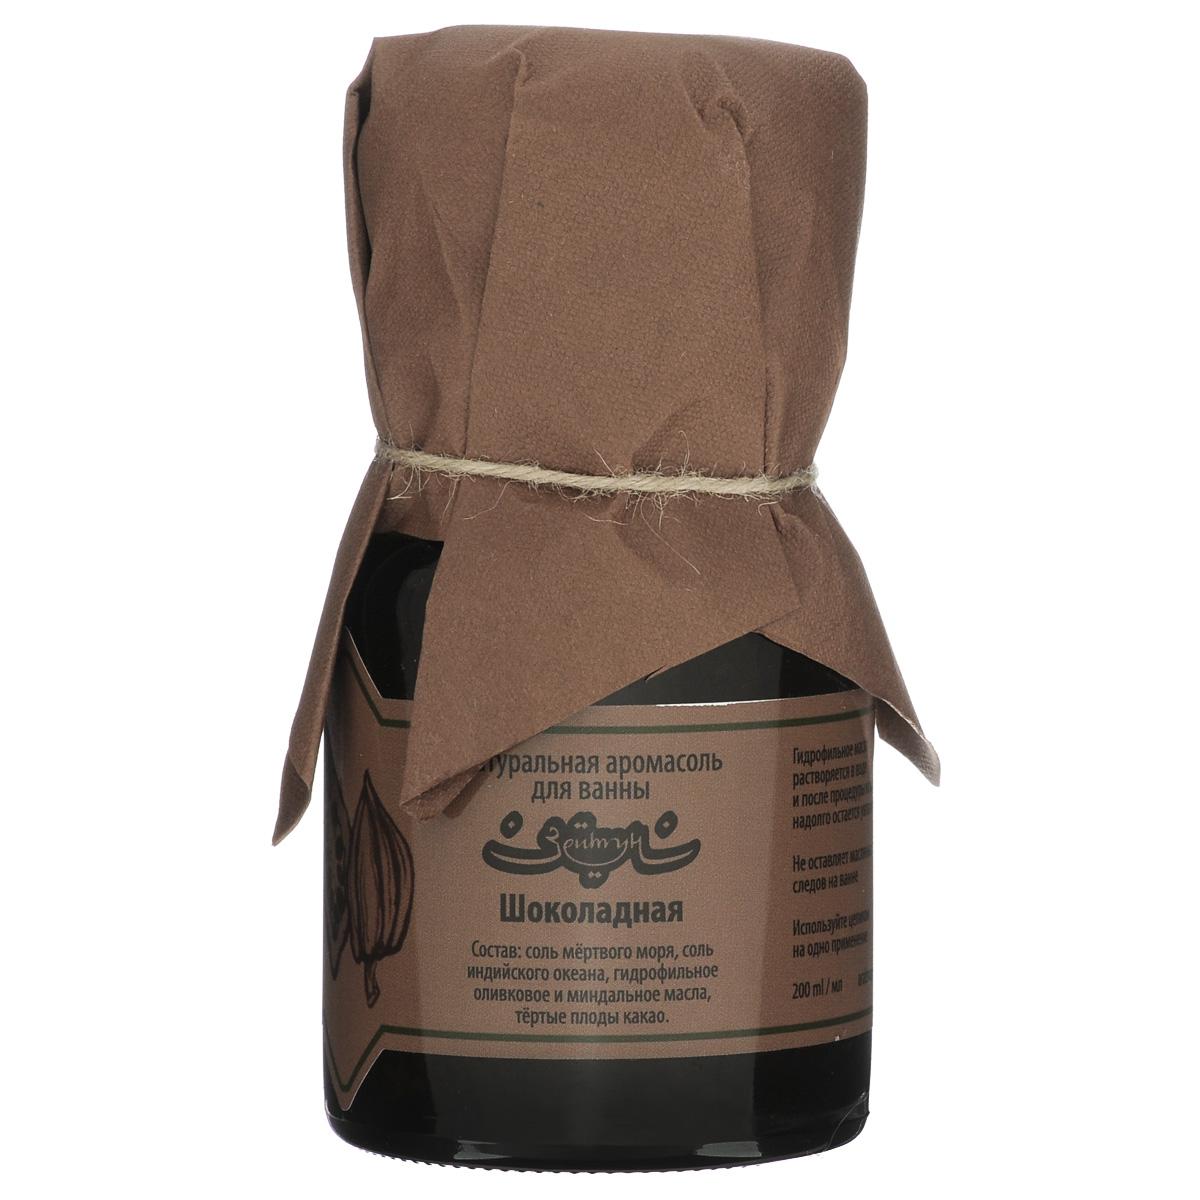 Зейтун Аромасоль для ванны шоколадная, 200 млZ2106Шоколадная ванна? Да, с тонким ароматом какао и ванили. Ароматическое и эстетическое удовольствие, а благодаря гидрофильным маслам ваша кожа станет гладкой и нежной, получит необходимое увлажнение и питание. Не оставляет масляных следов на ванне.